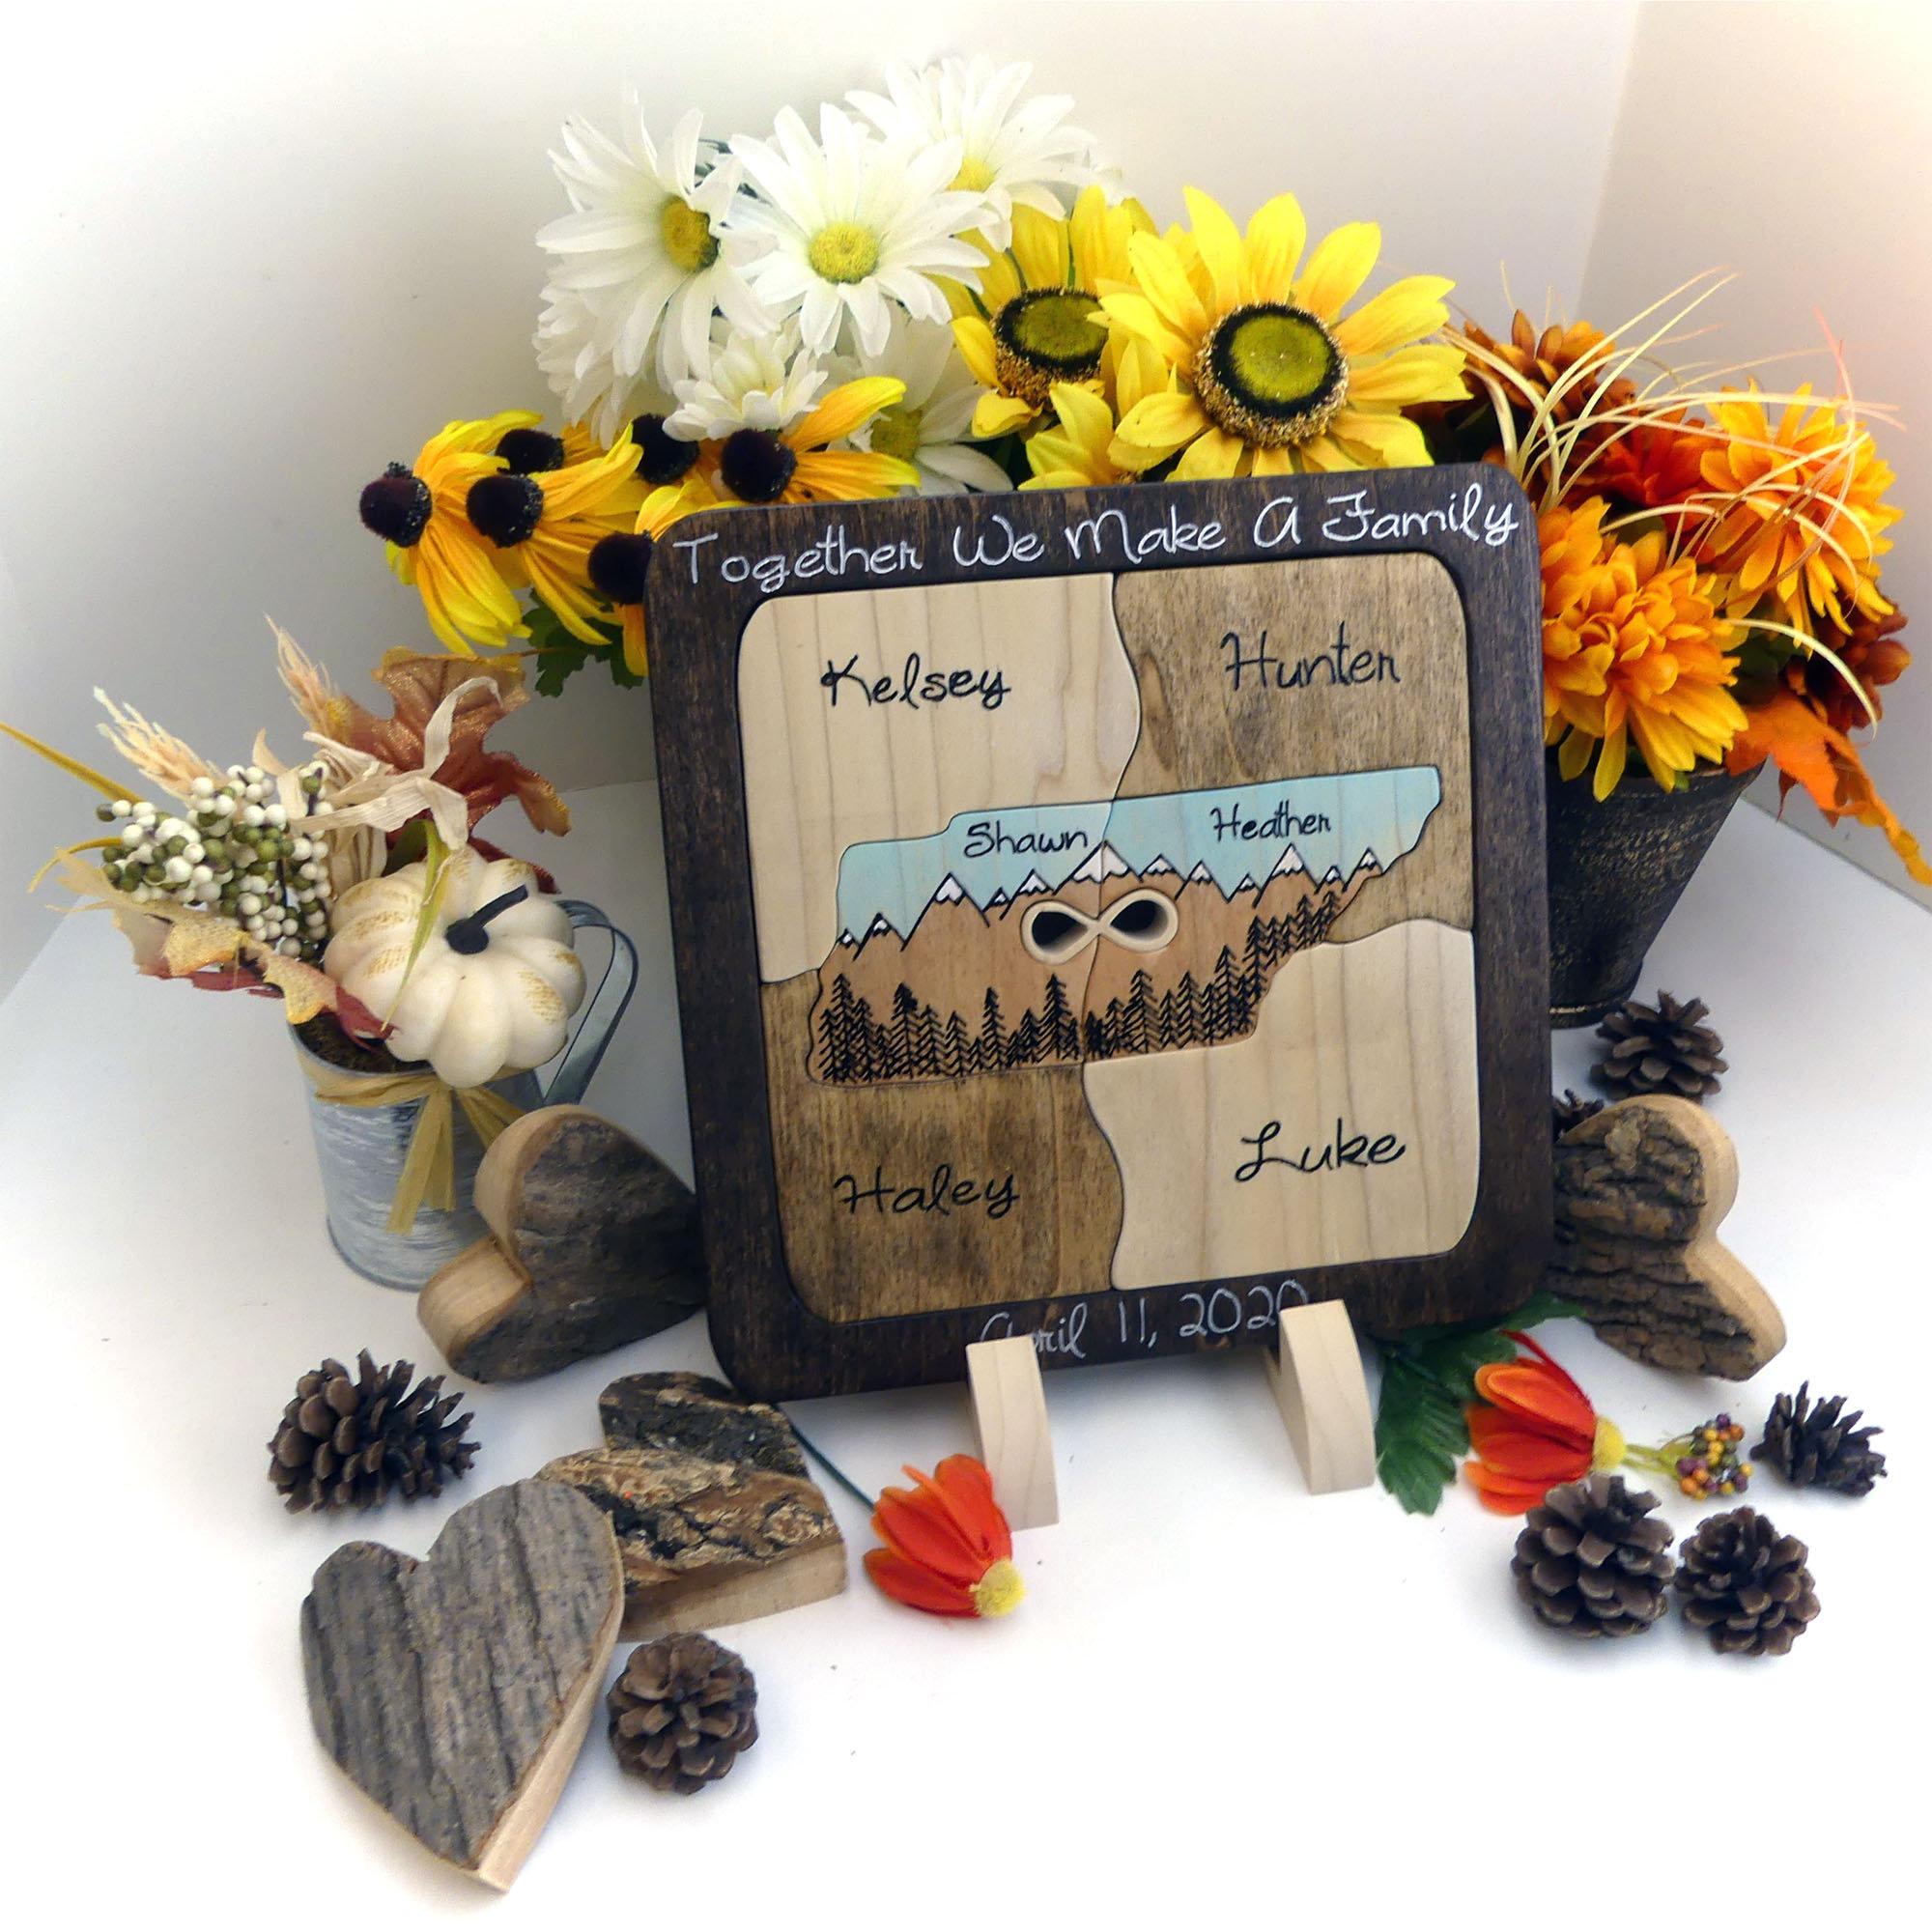 Custom Designed Unity Puzzle \u00ae Unity Ceremony Alt Blended Family Wedding Gift Alternative Unity Puzzle Ceremony Fathers Mother/'s Day Gift